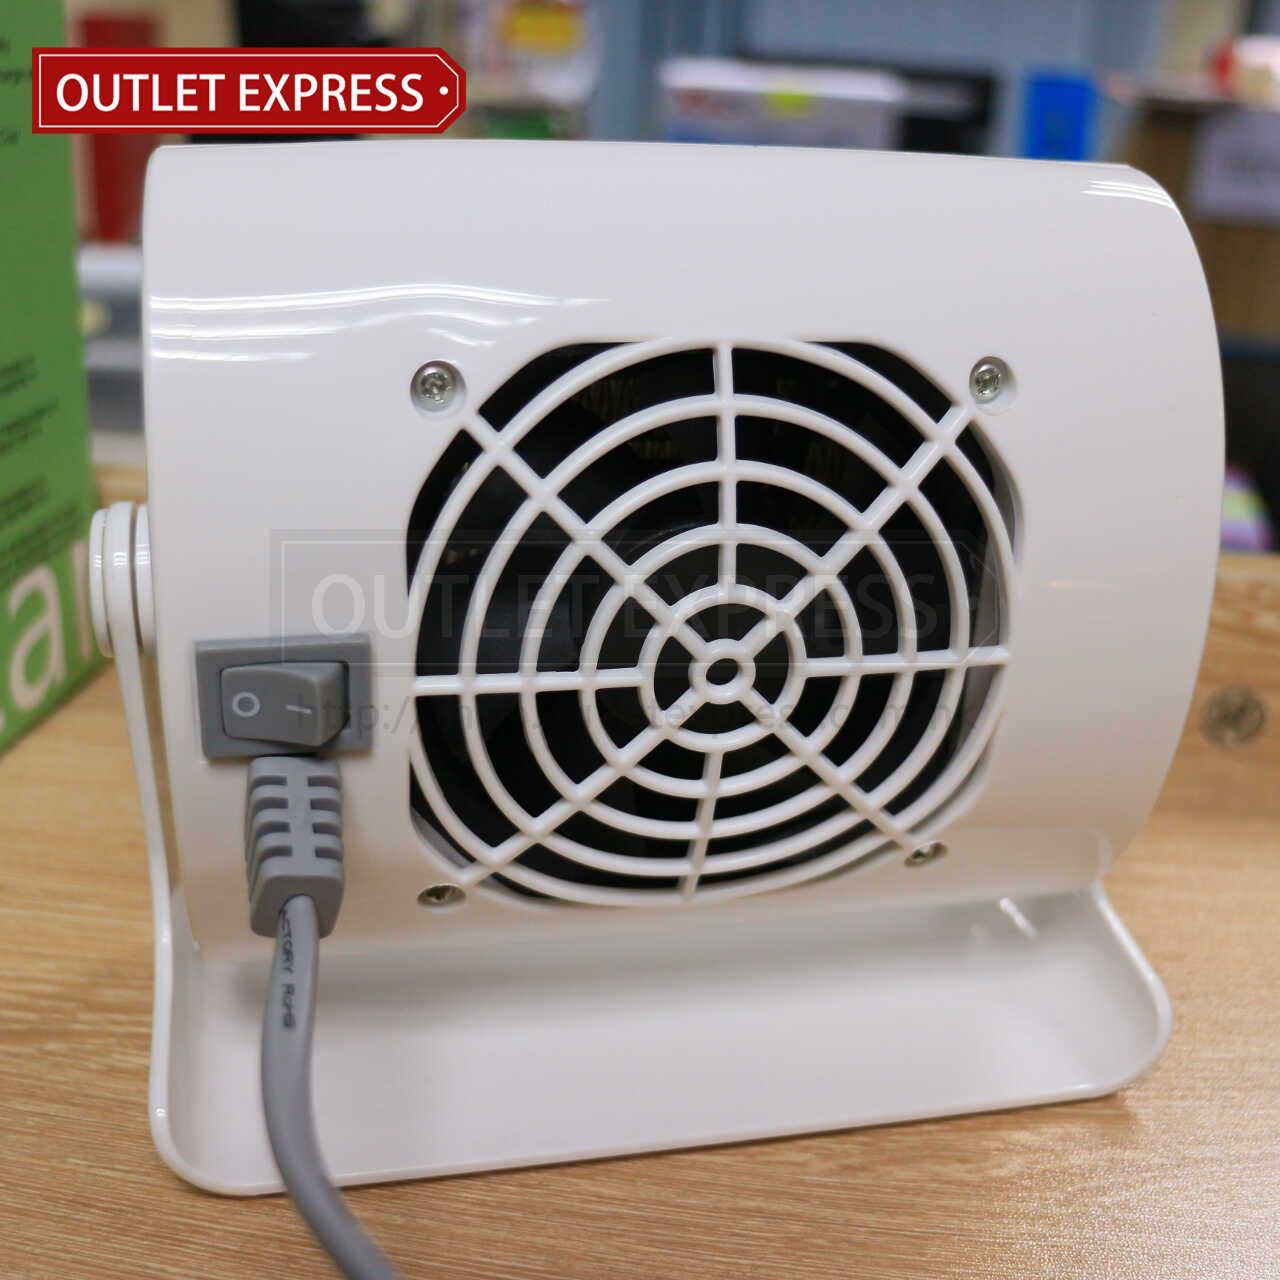 INNOTEC IH-3638 迷你桌面陶瓷暖風機 | 陶瓷暖爐 背面圖 - Outlet Express HK生活百貨城實拍相片